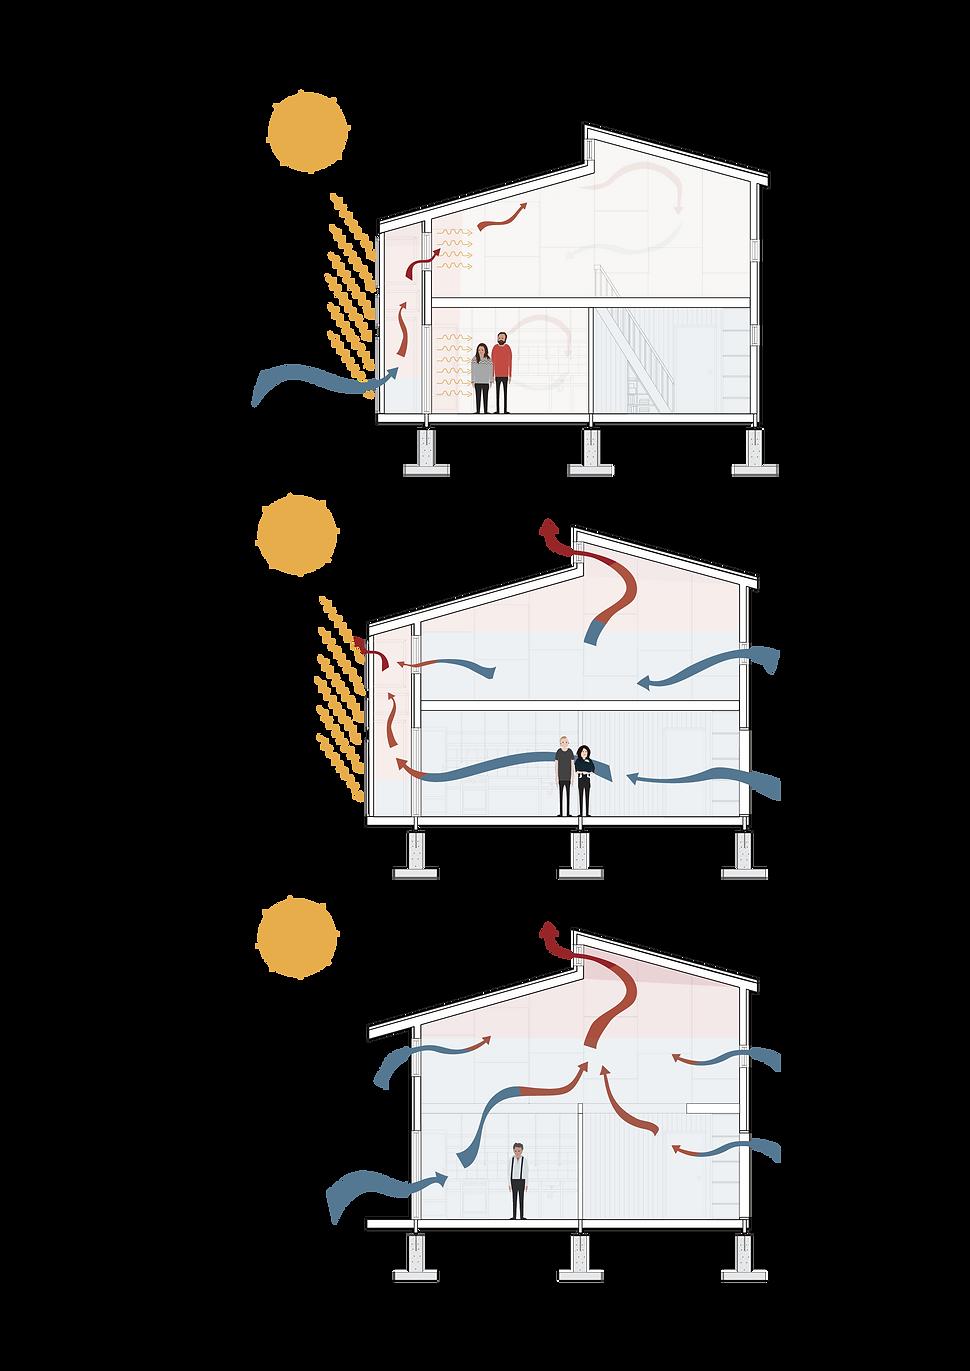 Ventilasjonsdiagram.png